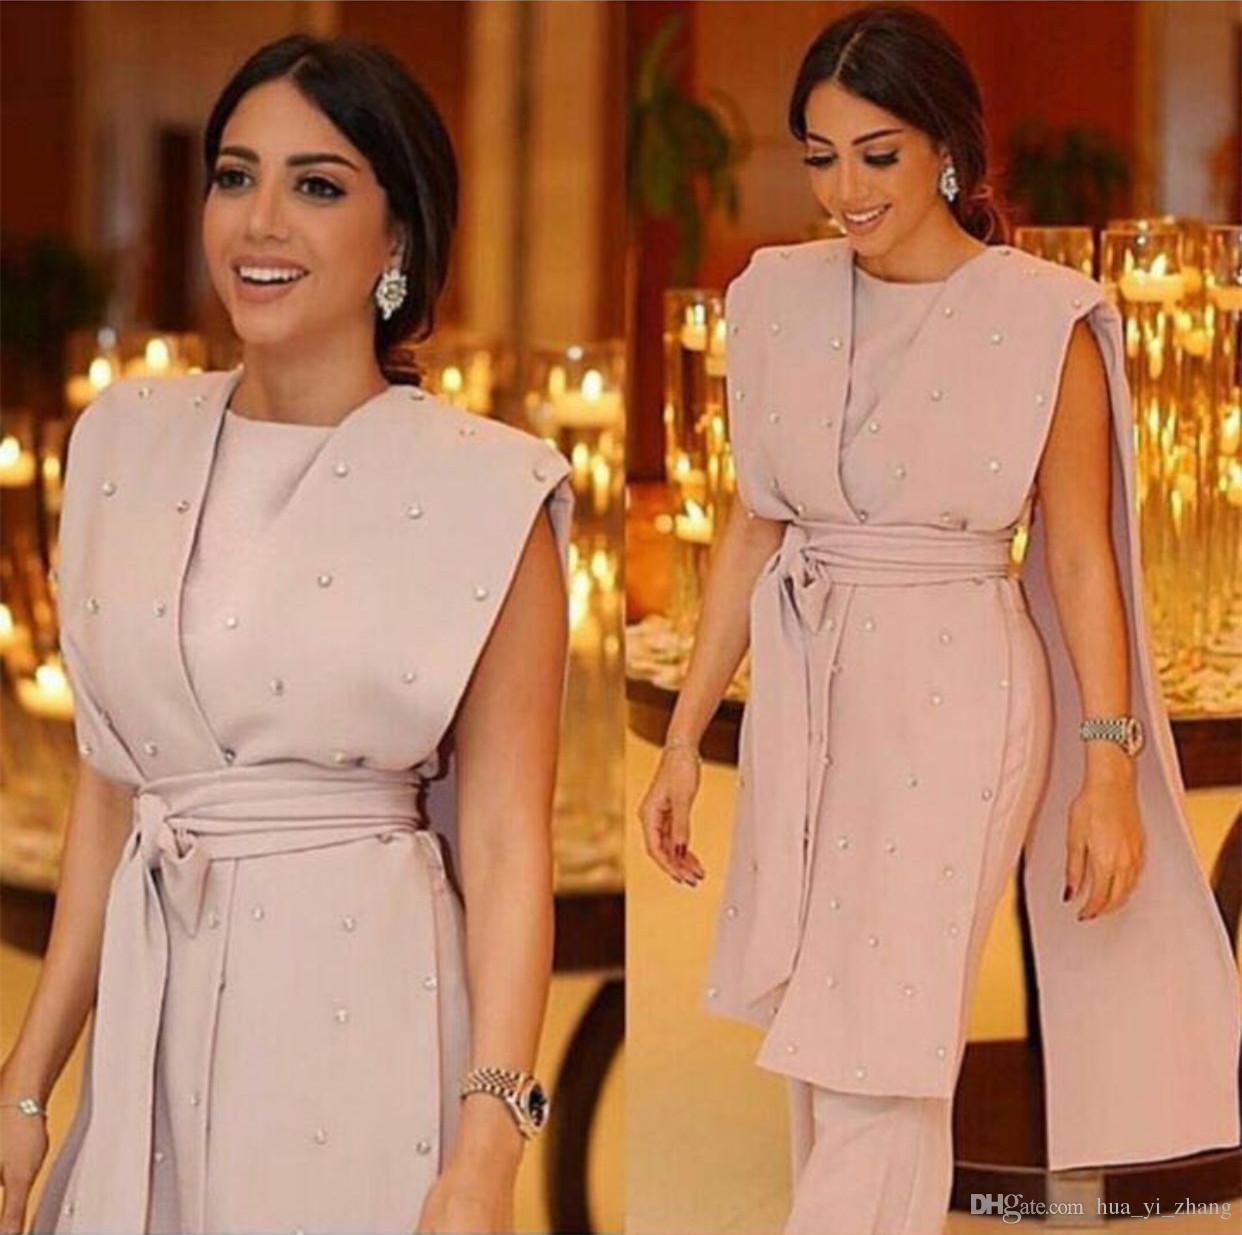 2018 abiti da sera rosa con mantello senza maniche cravatta drappeggiata tuta cinture di cristallo moderno vestito di abiti da cerimonia di cristallo formale abito da ballo di promenade